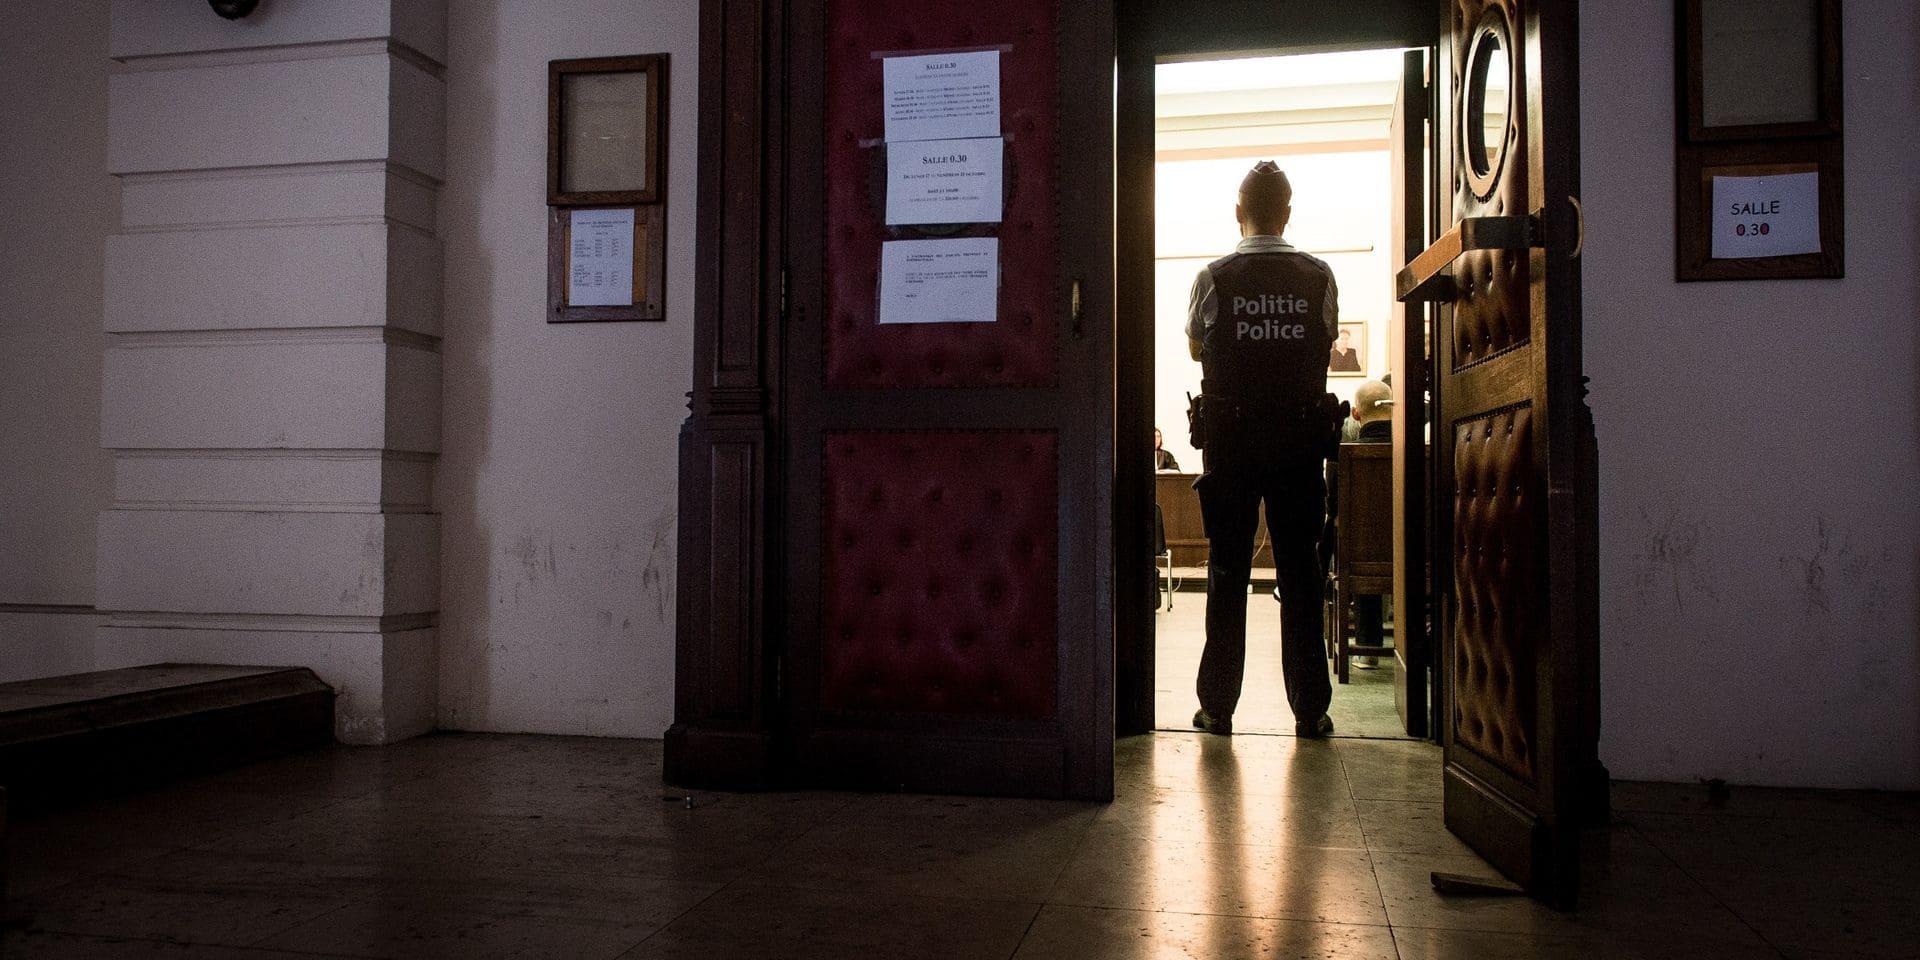 Péruwelz : Le prévenu est impliqué dans quatre dossiers